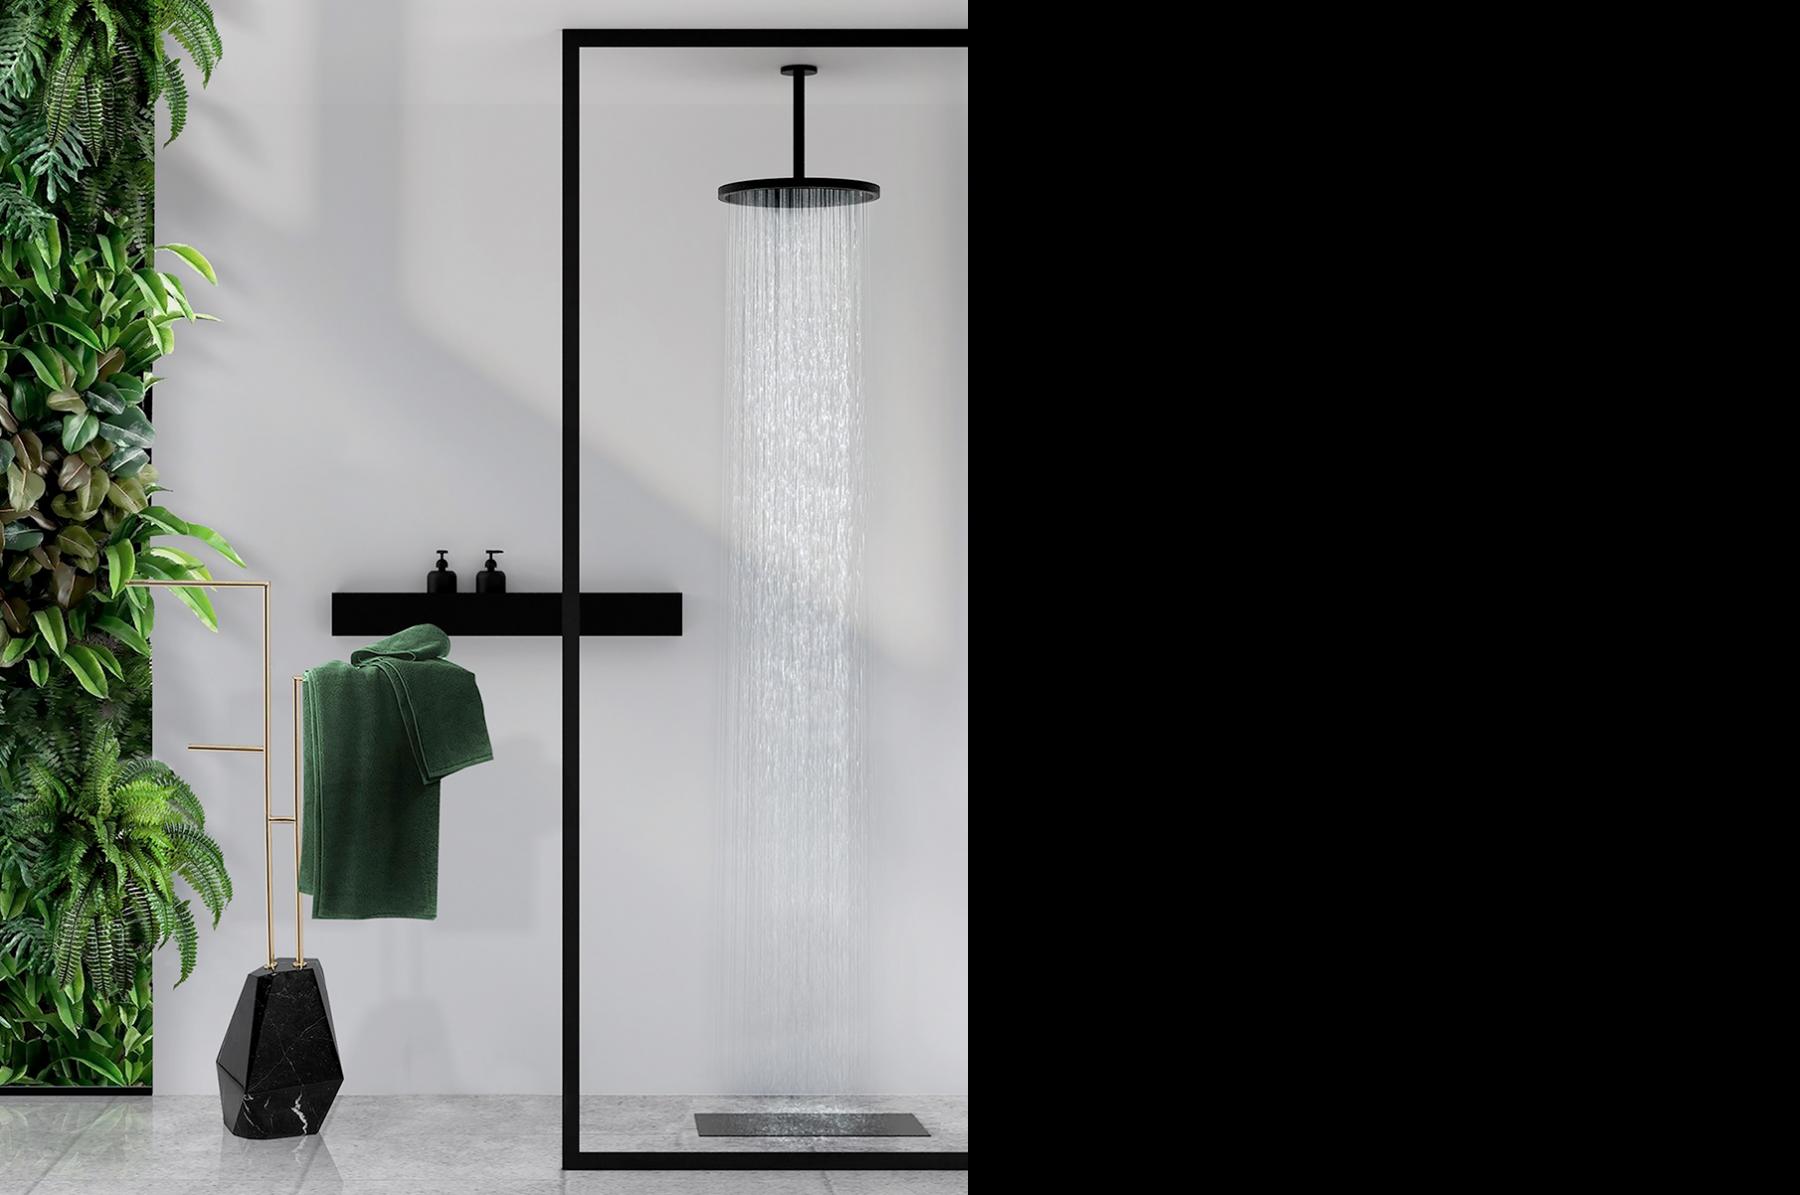 Diseño biofílico en el baño. Diamond Towel Rack de Maison Valentina.